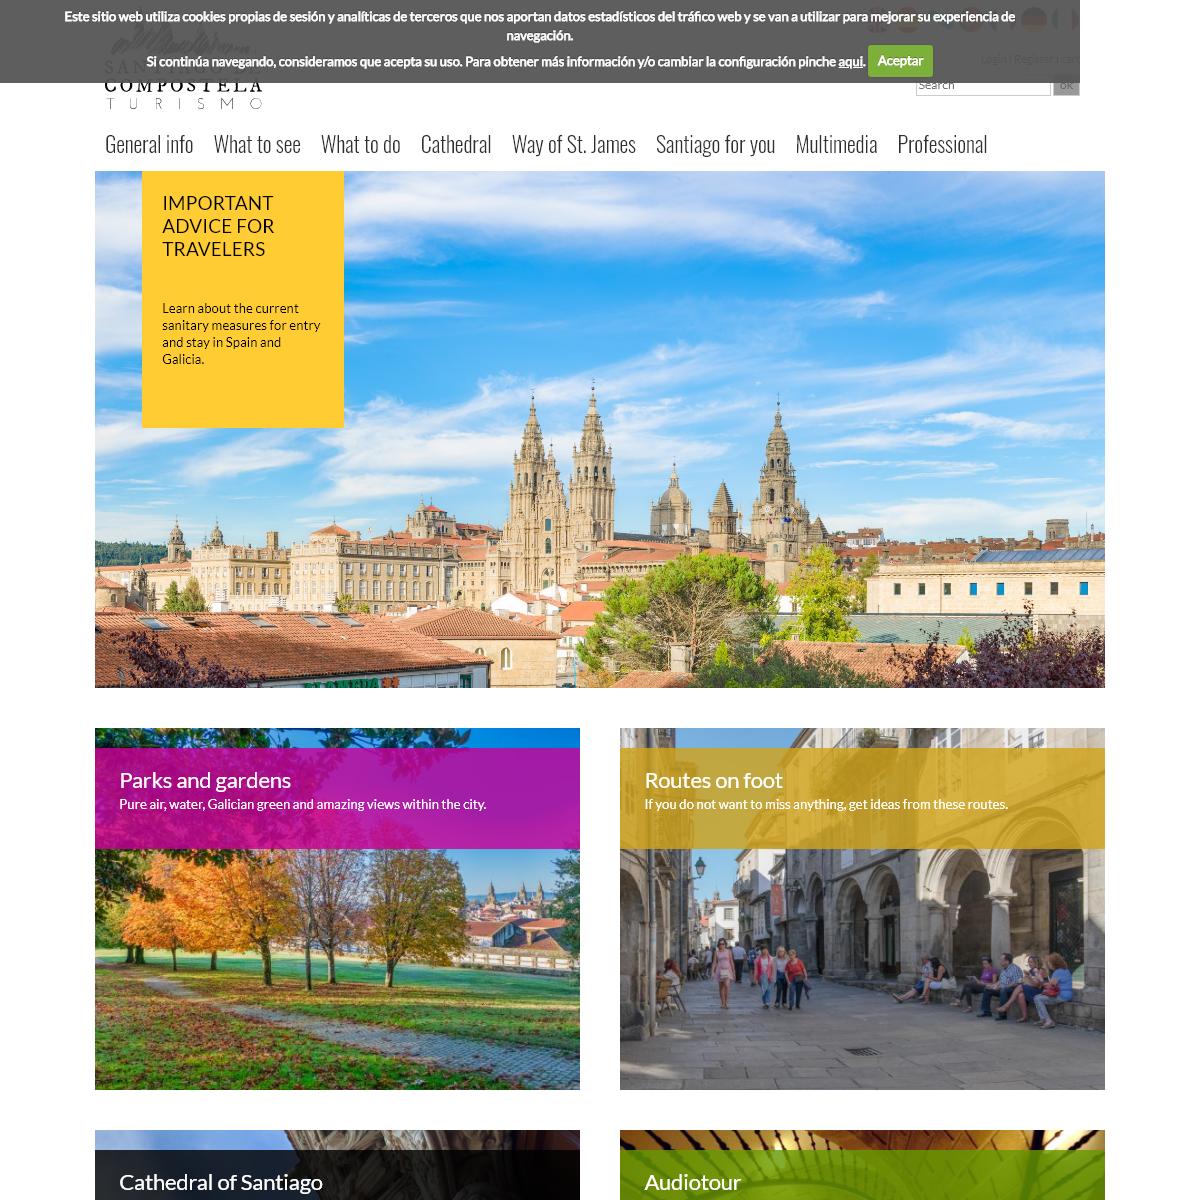 Portada - Official Tourism Website of Santiago de Compostela and its Surroundings